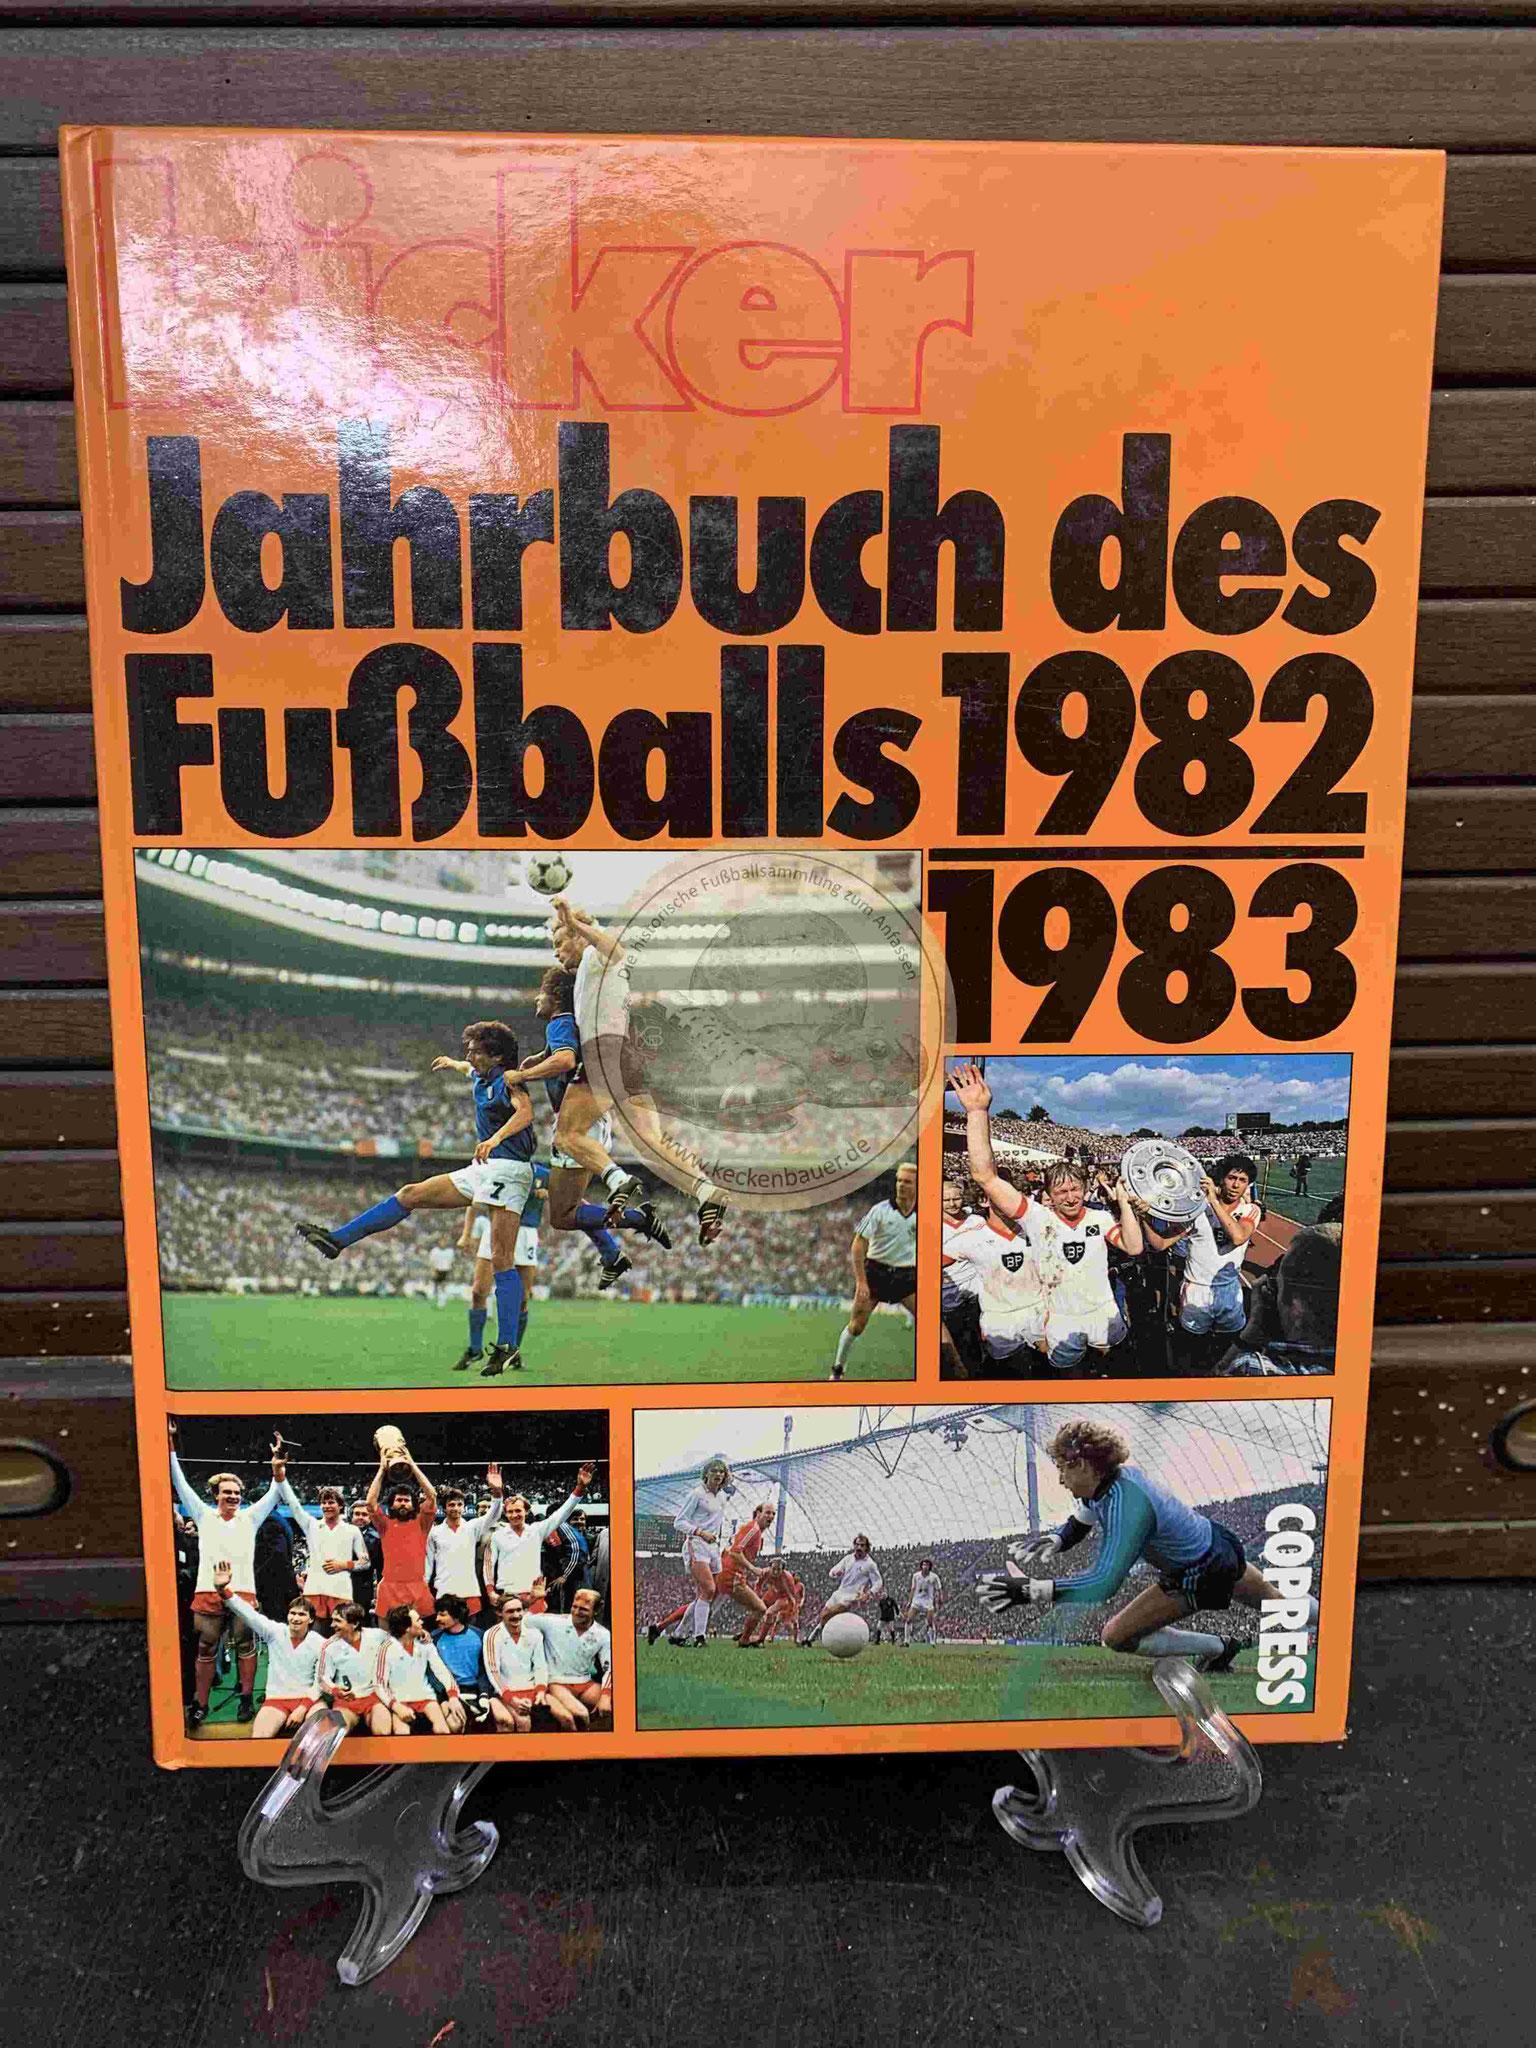 Kicker Jahrbuch des Fußballs 1982/1983 vom Copress Verlag.